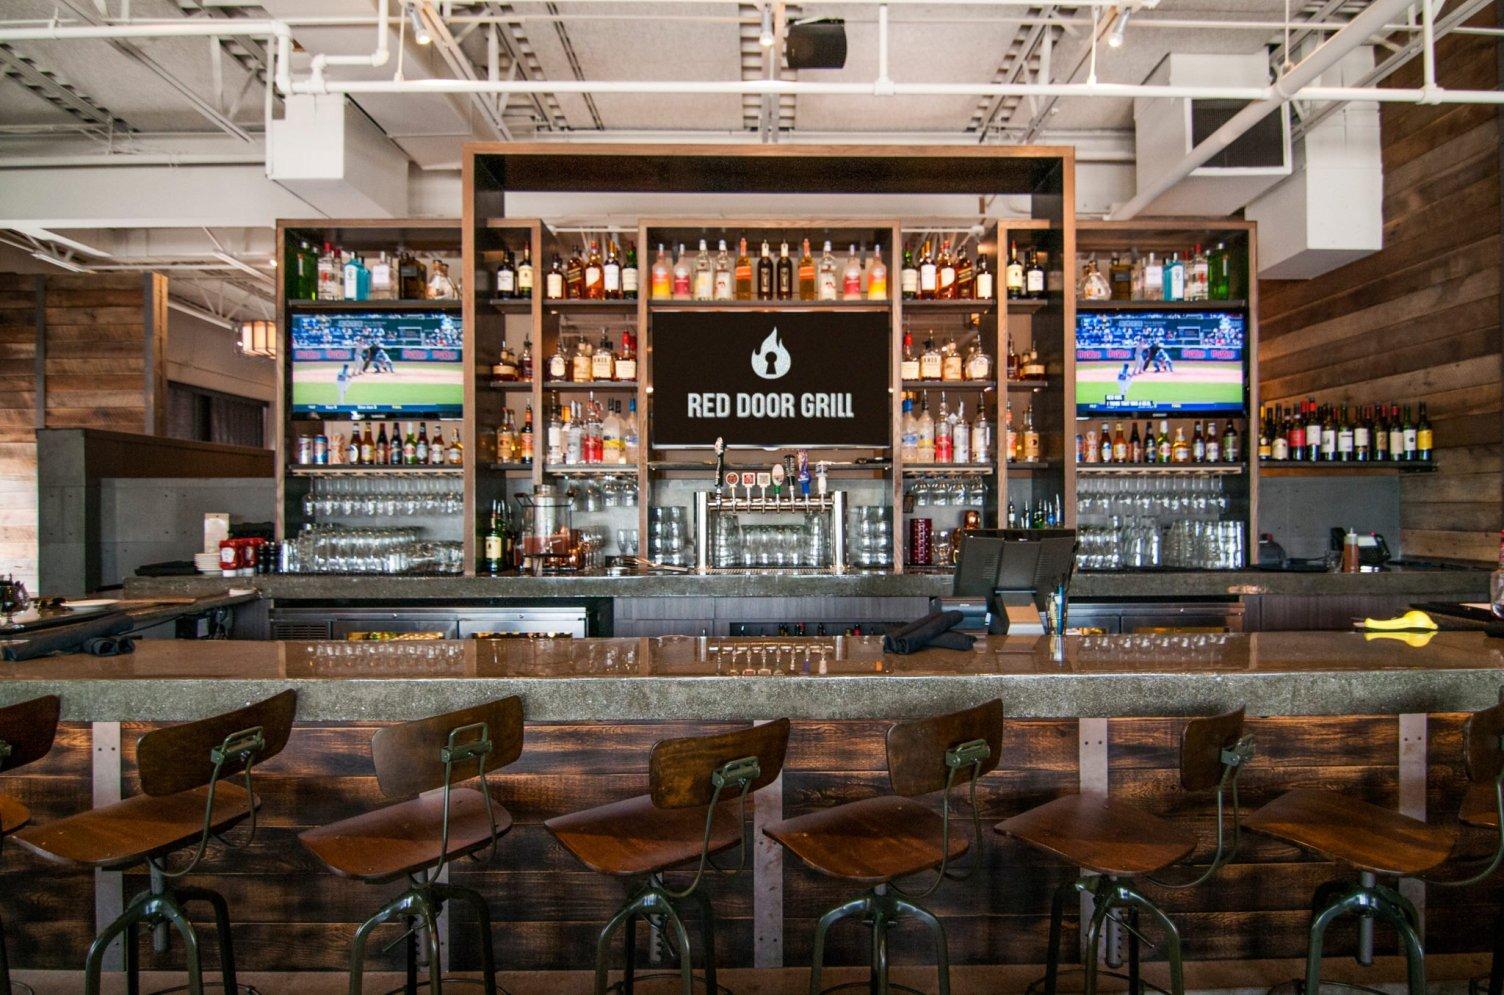 Red Door Grill Bar